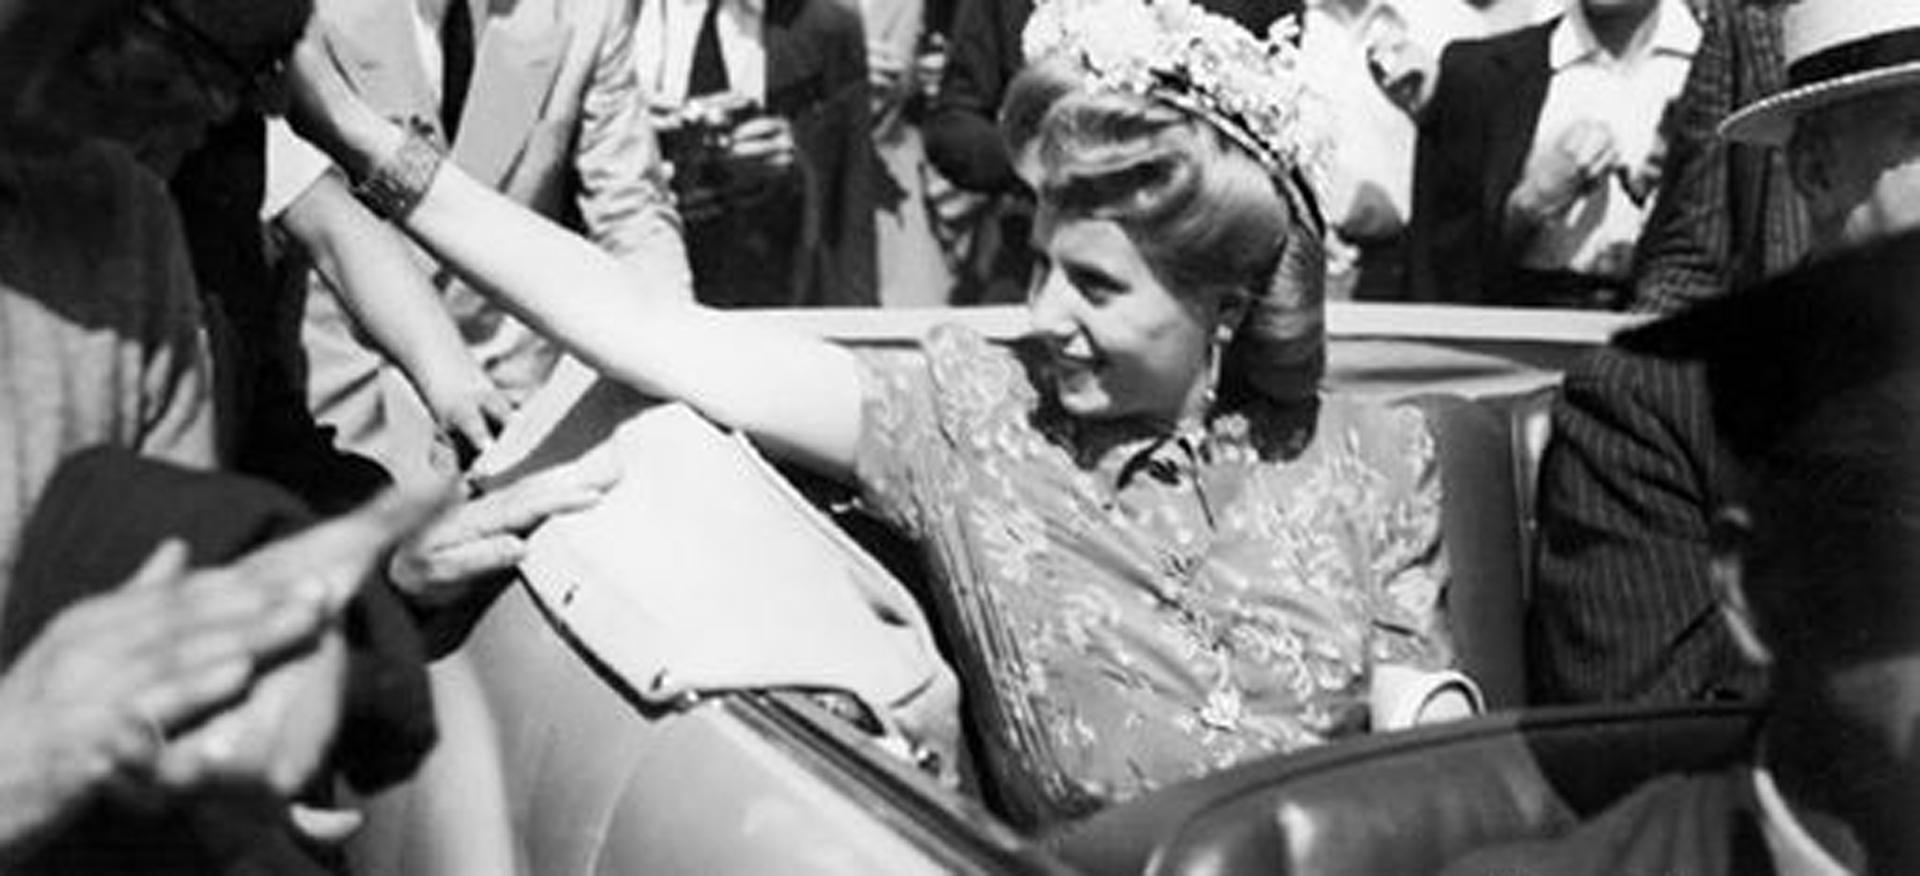 La muestra fotográfica hace alusión a uno de los viajes de Eva por Europa en 1947